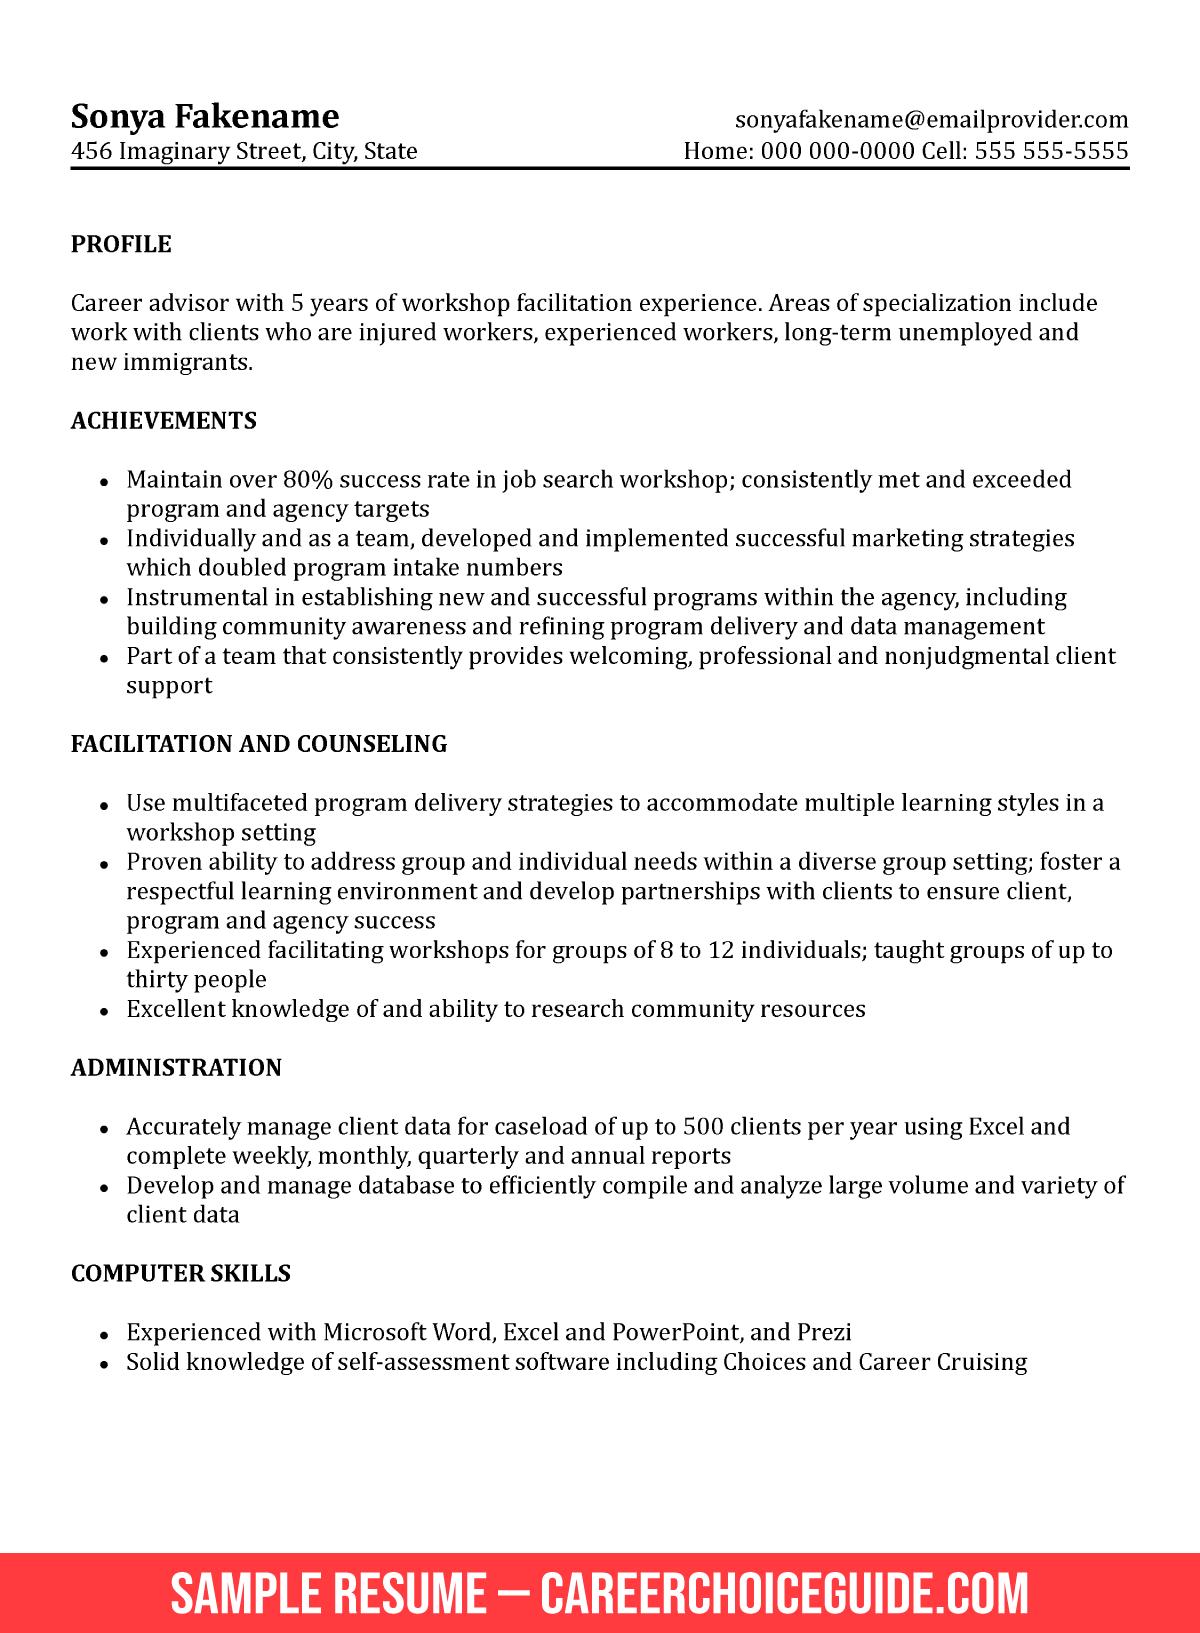 career advisor objective resume